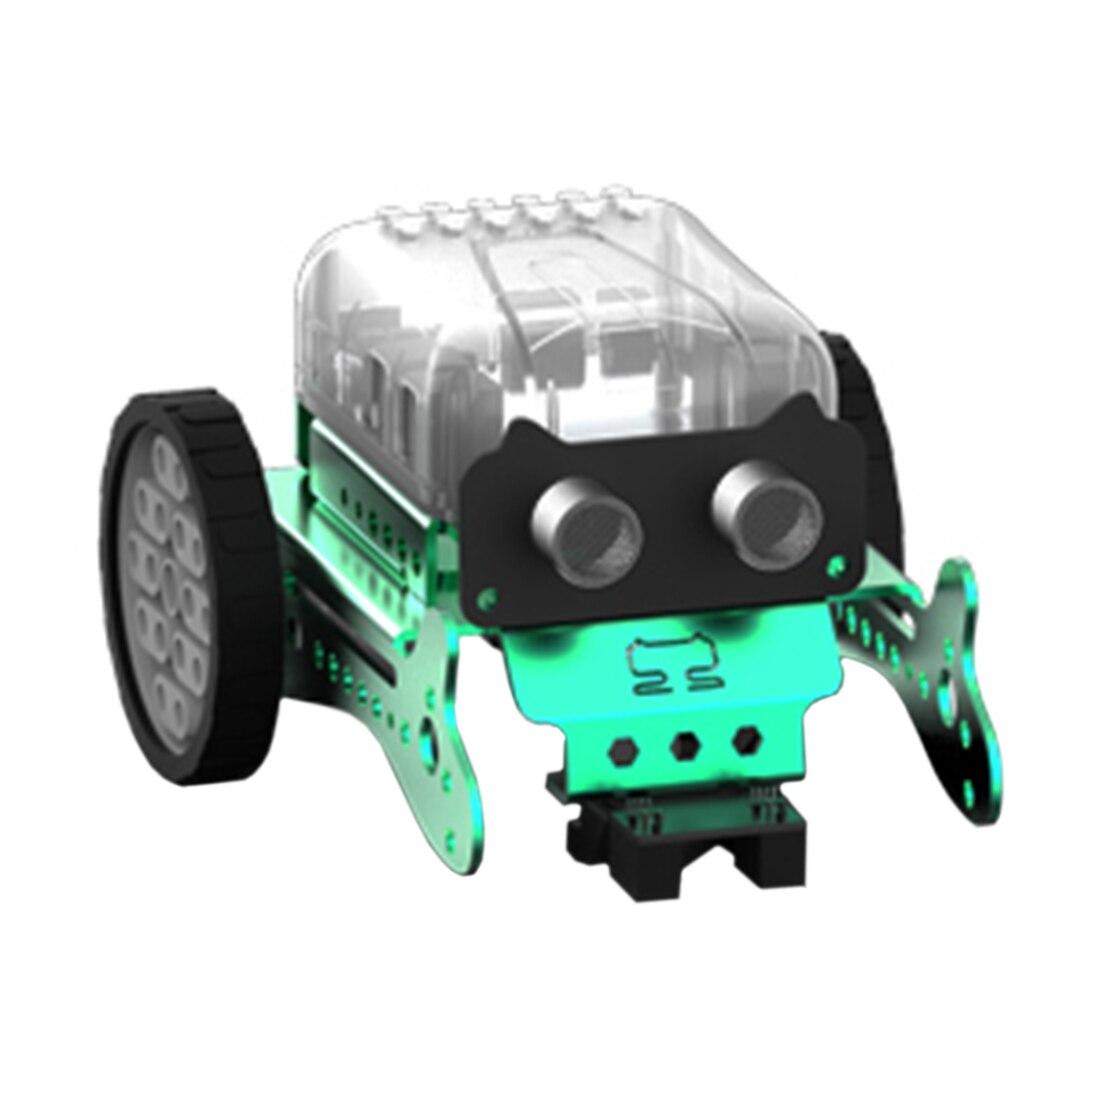 Diy neo programação zero inteligente obstáculo evitar carro robô kit para crianças presente modelo de brinquedo mini robô inteligente-verde vermelho